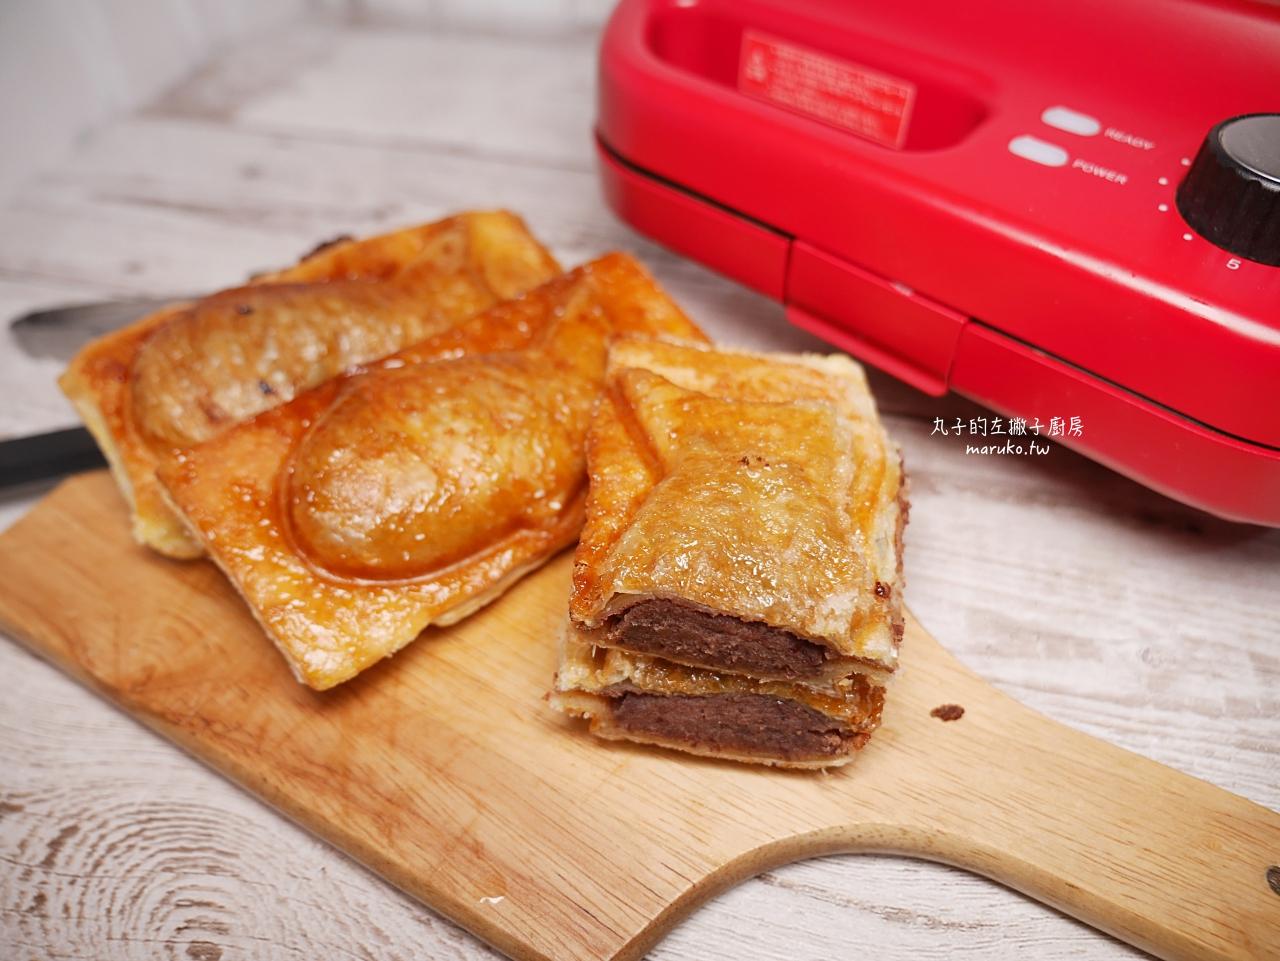 【食譜】可頌鯛魚燒 用起酥皮自製紅豆可頌鯛魚燒 鯛魚燒烤盤鬆餅機食譜 @Maruko與美食有個約會